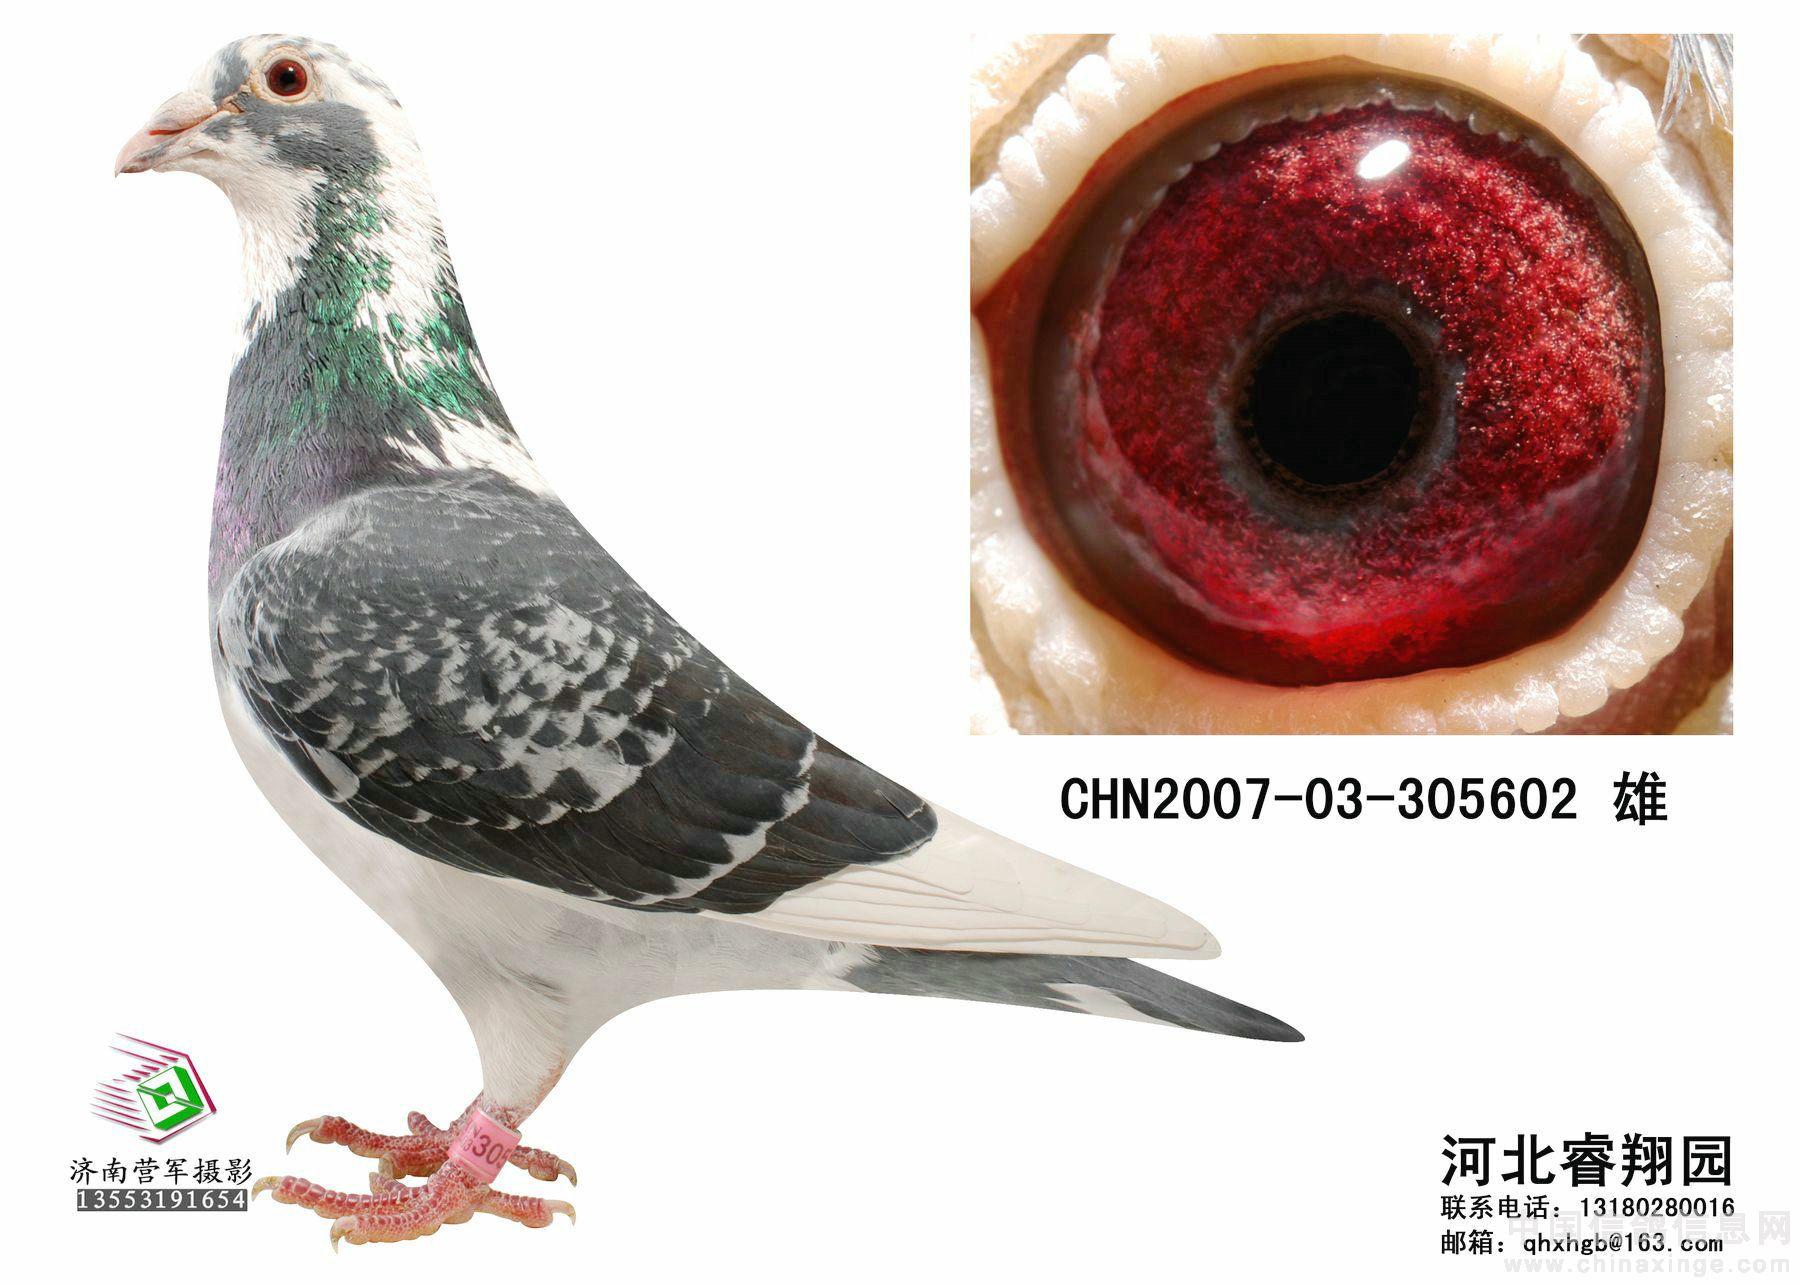 河北睿翔园种鸽拍卖第三期开拍